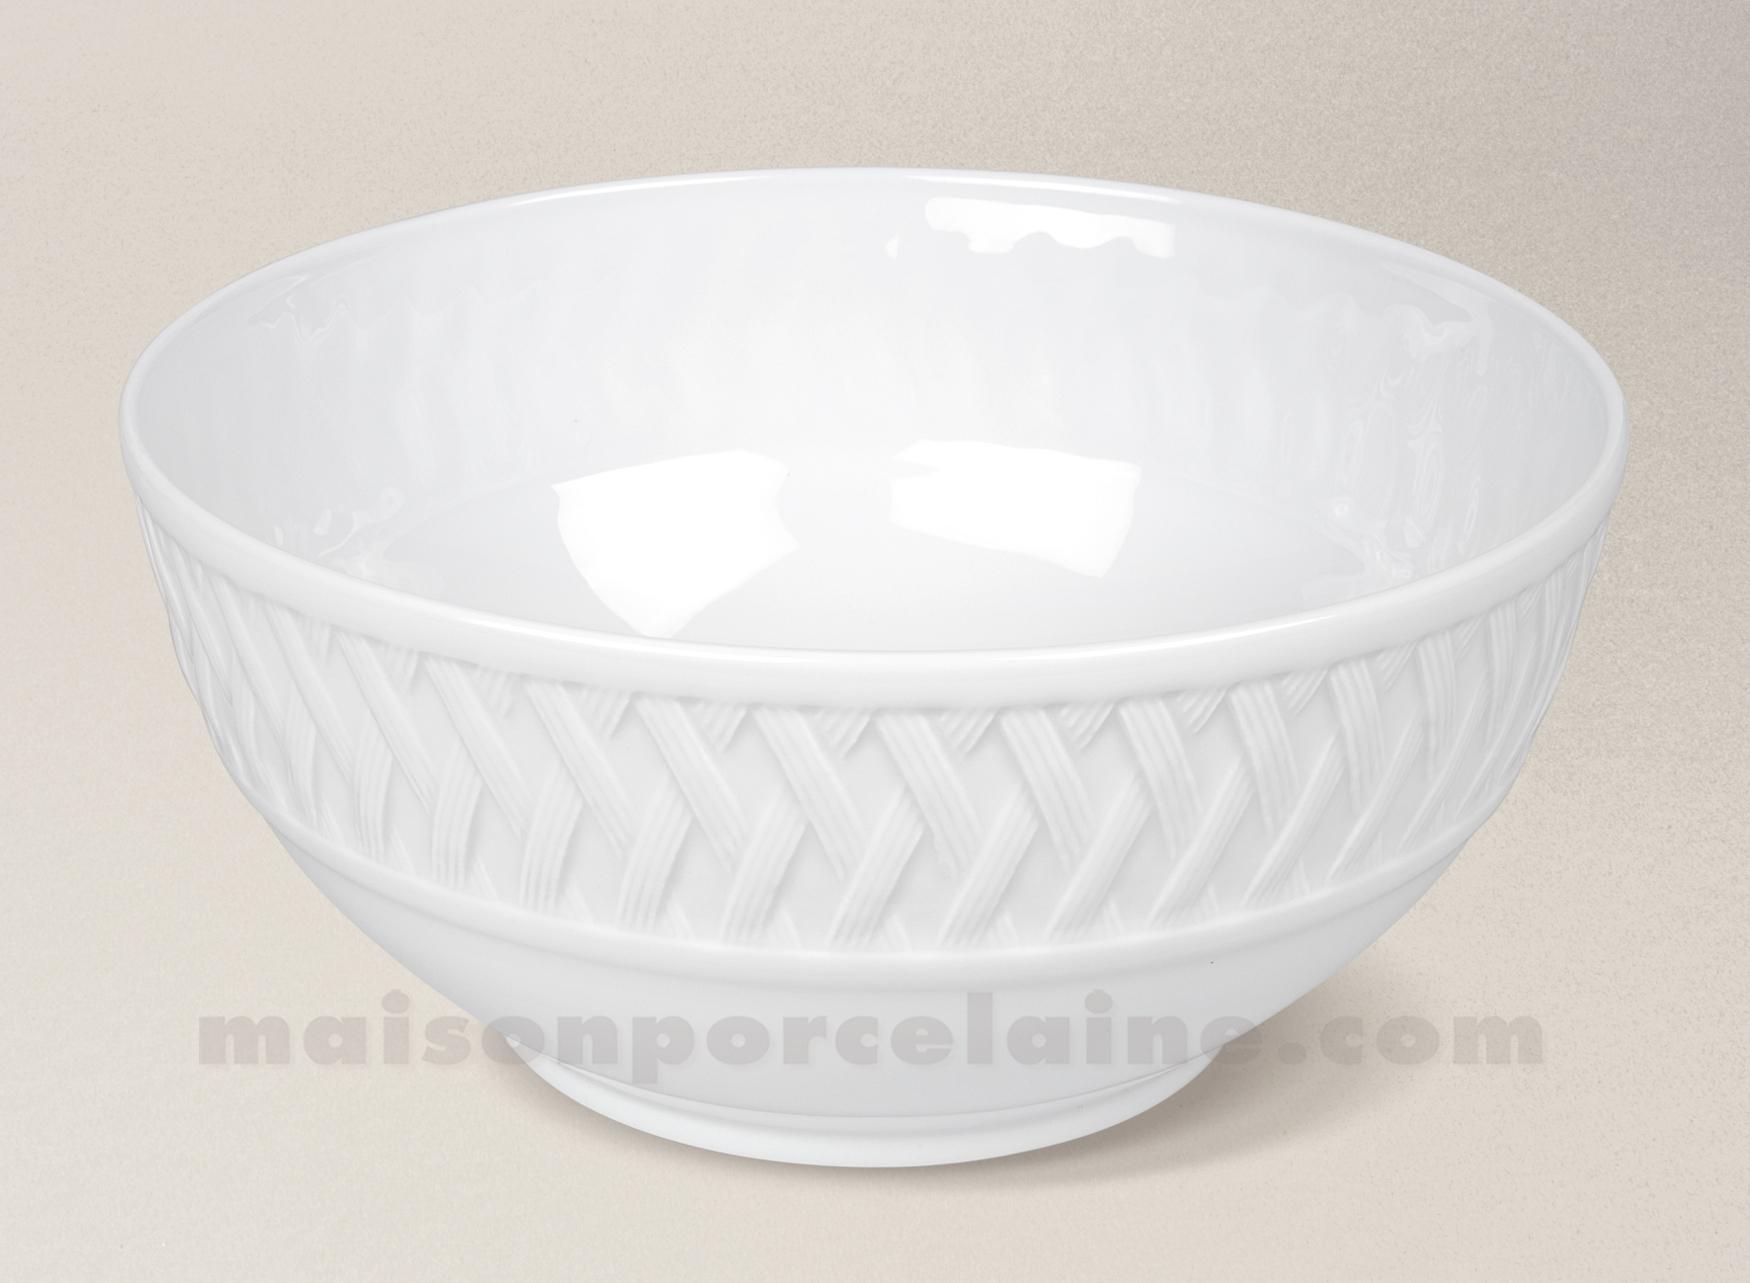 Saladier limoges porcelaine blanche louisiane service d22 maison de la porcelaine - Jardin piscine service limoges ...